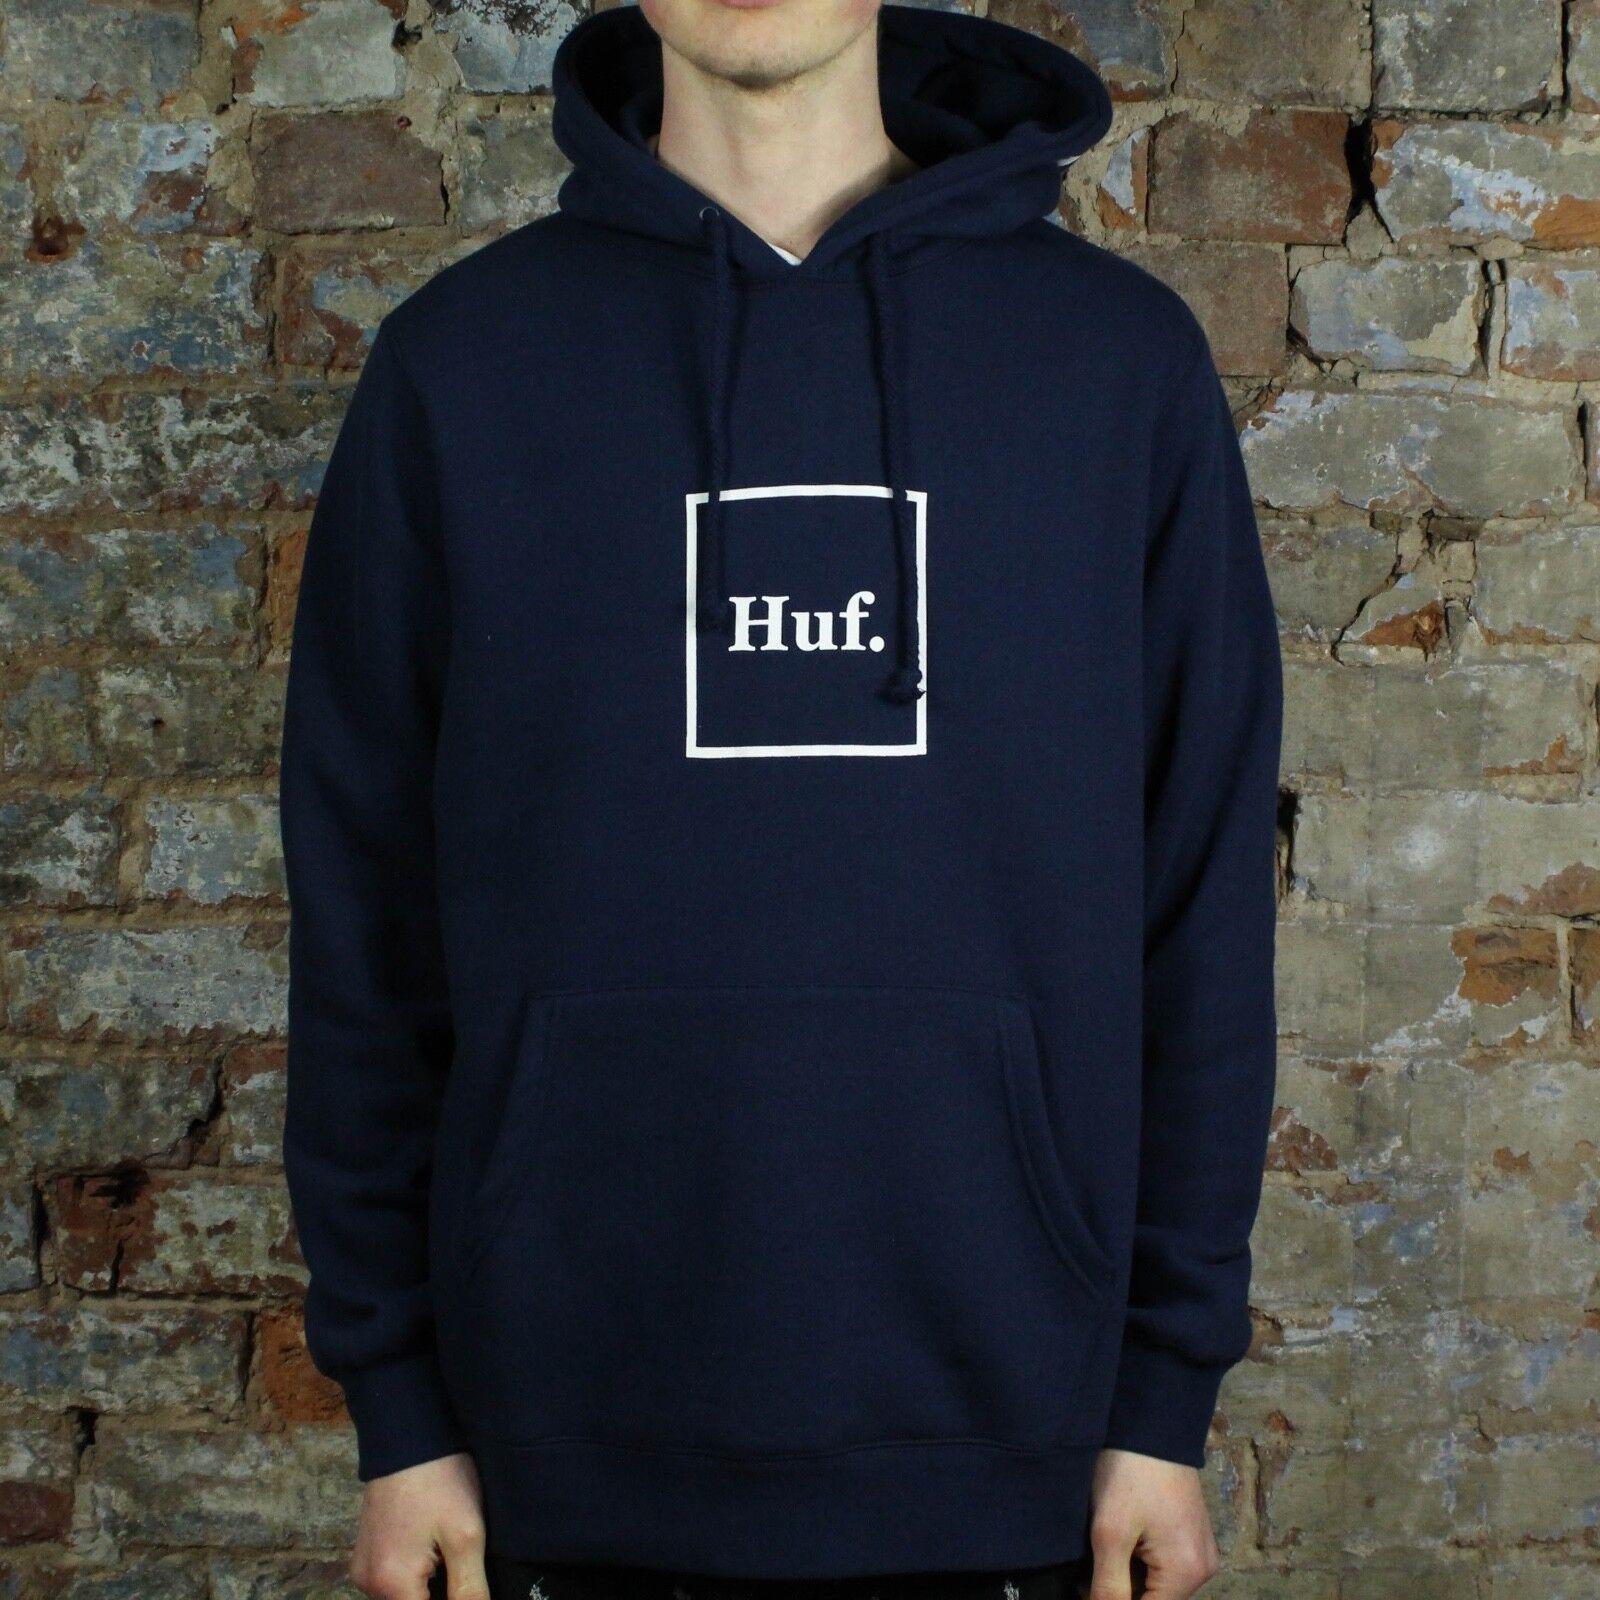 Détails sur Huf Outline Logo Pullover à Capuche Sweat Shirt – Bleu marine en taille S, M afficher le titre d'origine